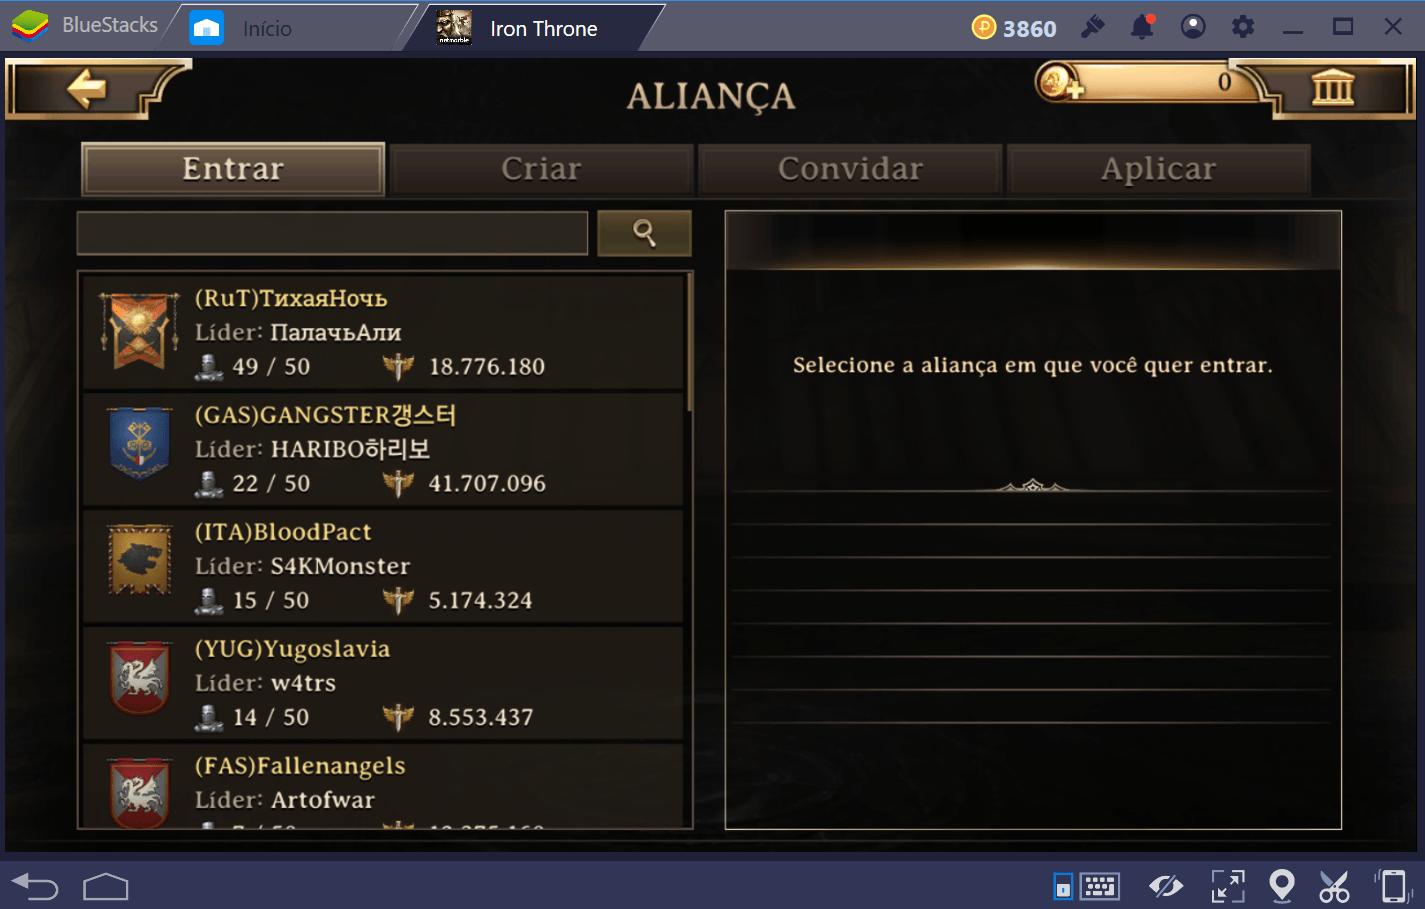 Porque você deve jogar Iron Throne